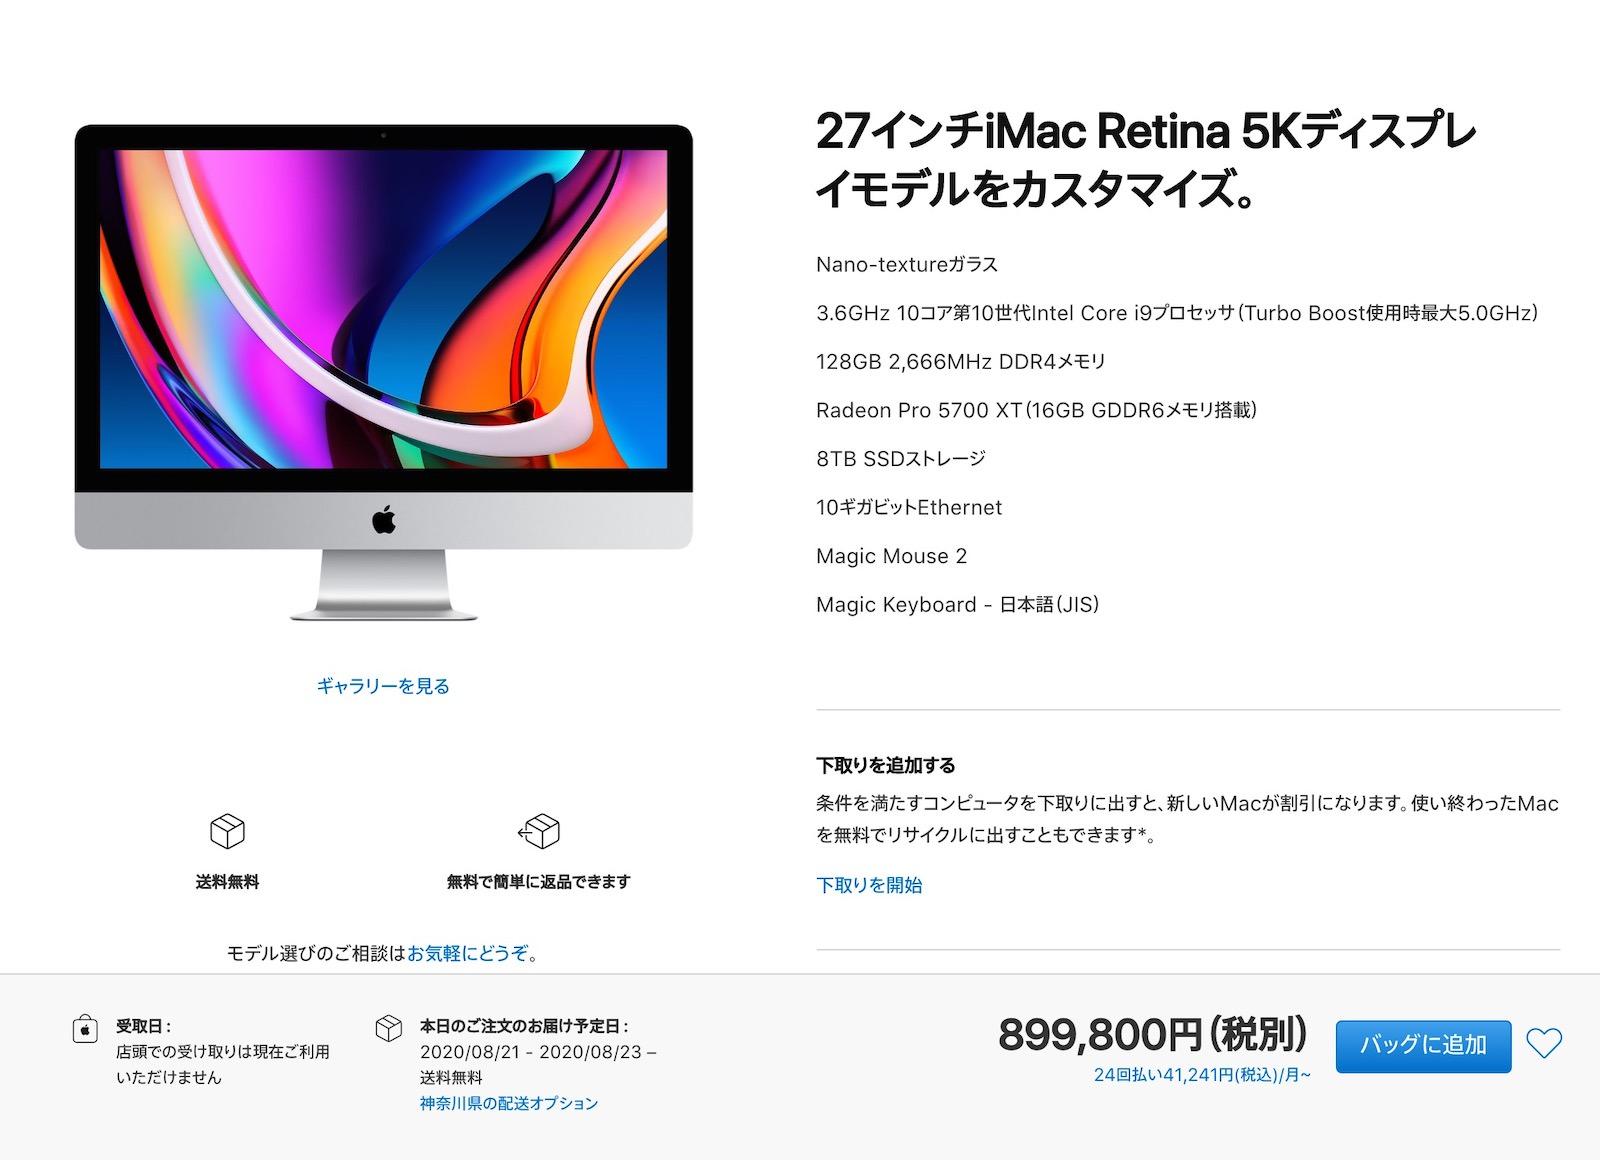 27inch imac retina 5k full spec